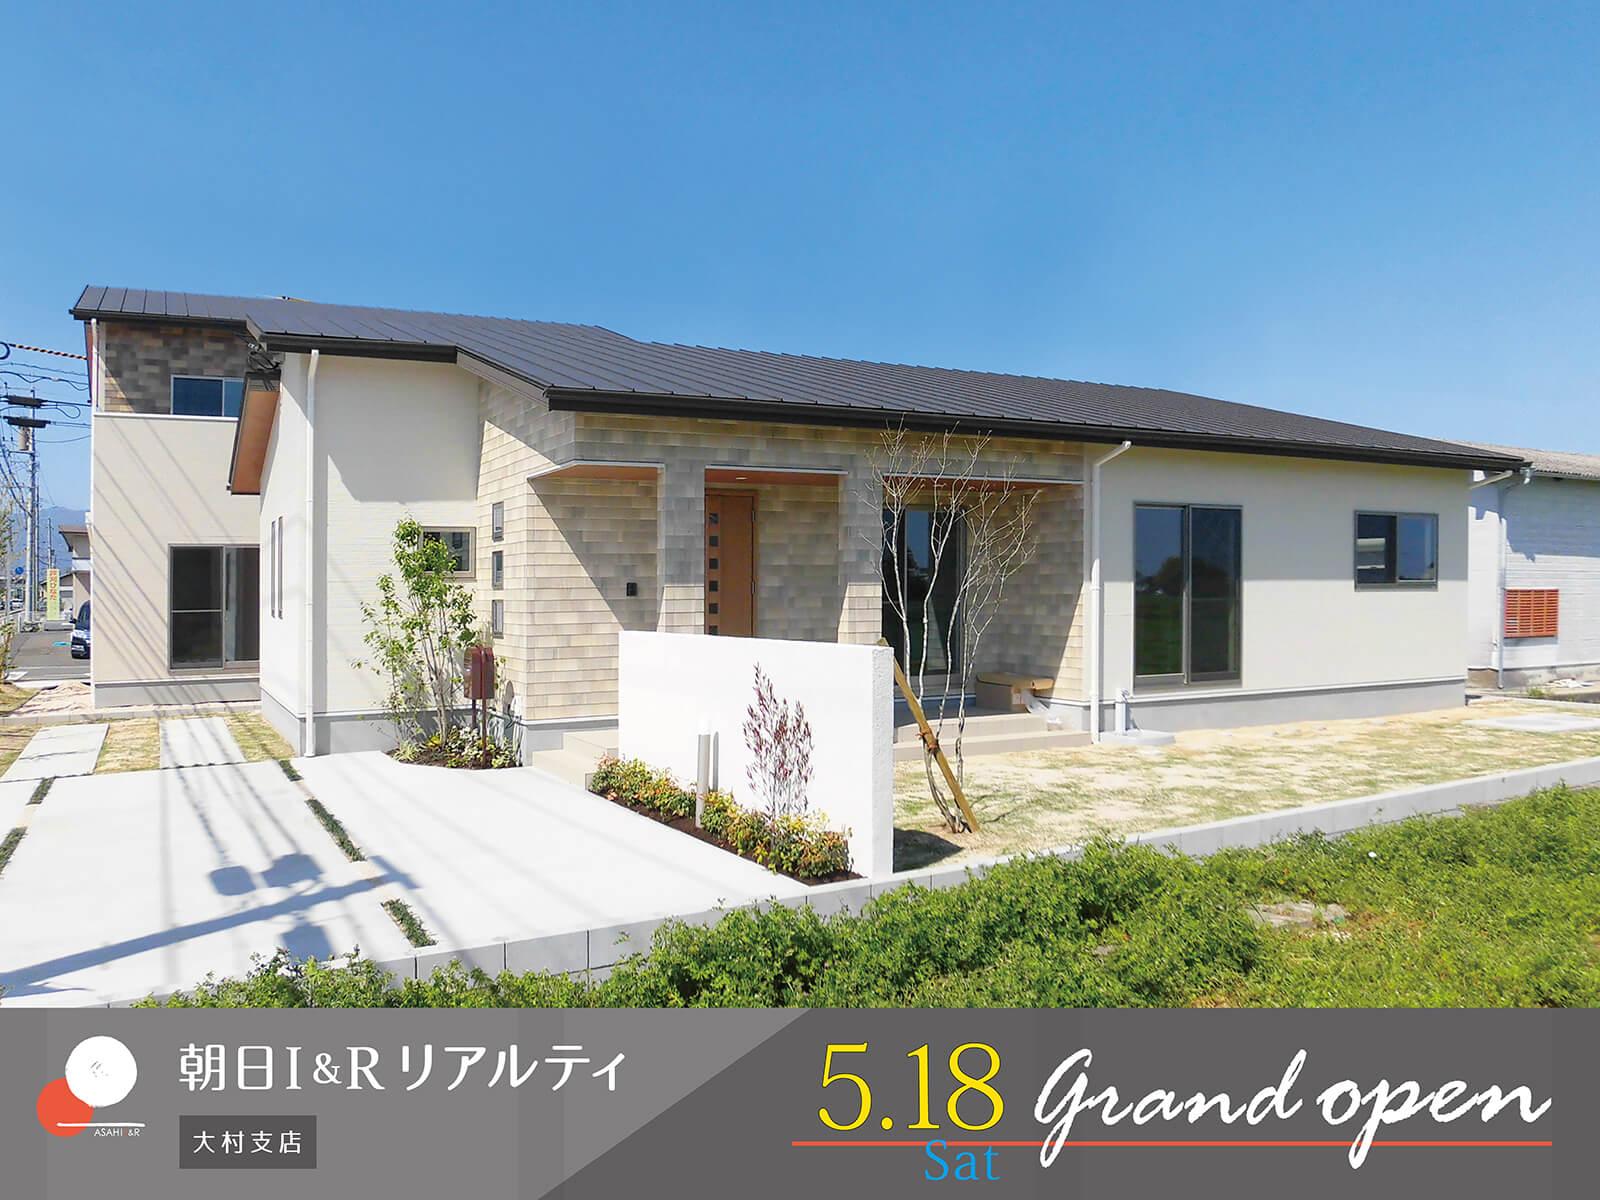 朝日I&Rリアルティ 大村支店 5月18日(土)グランドオープン